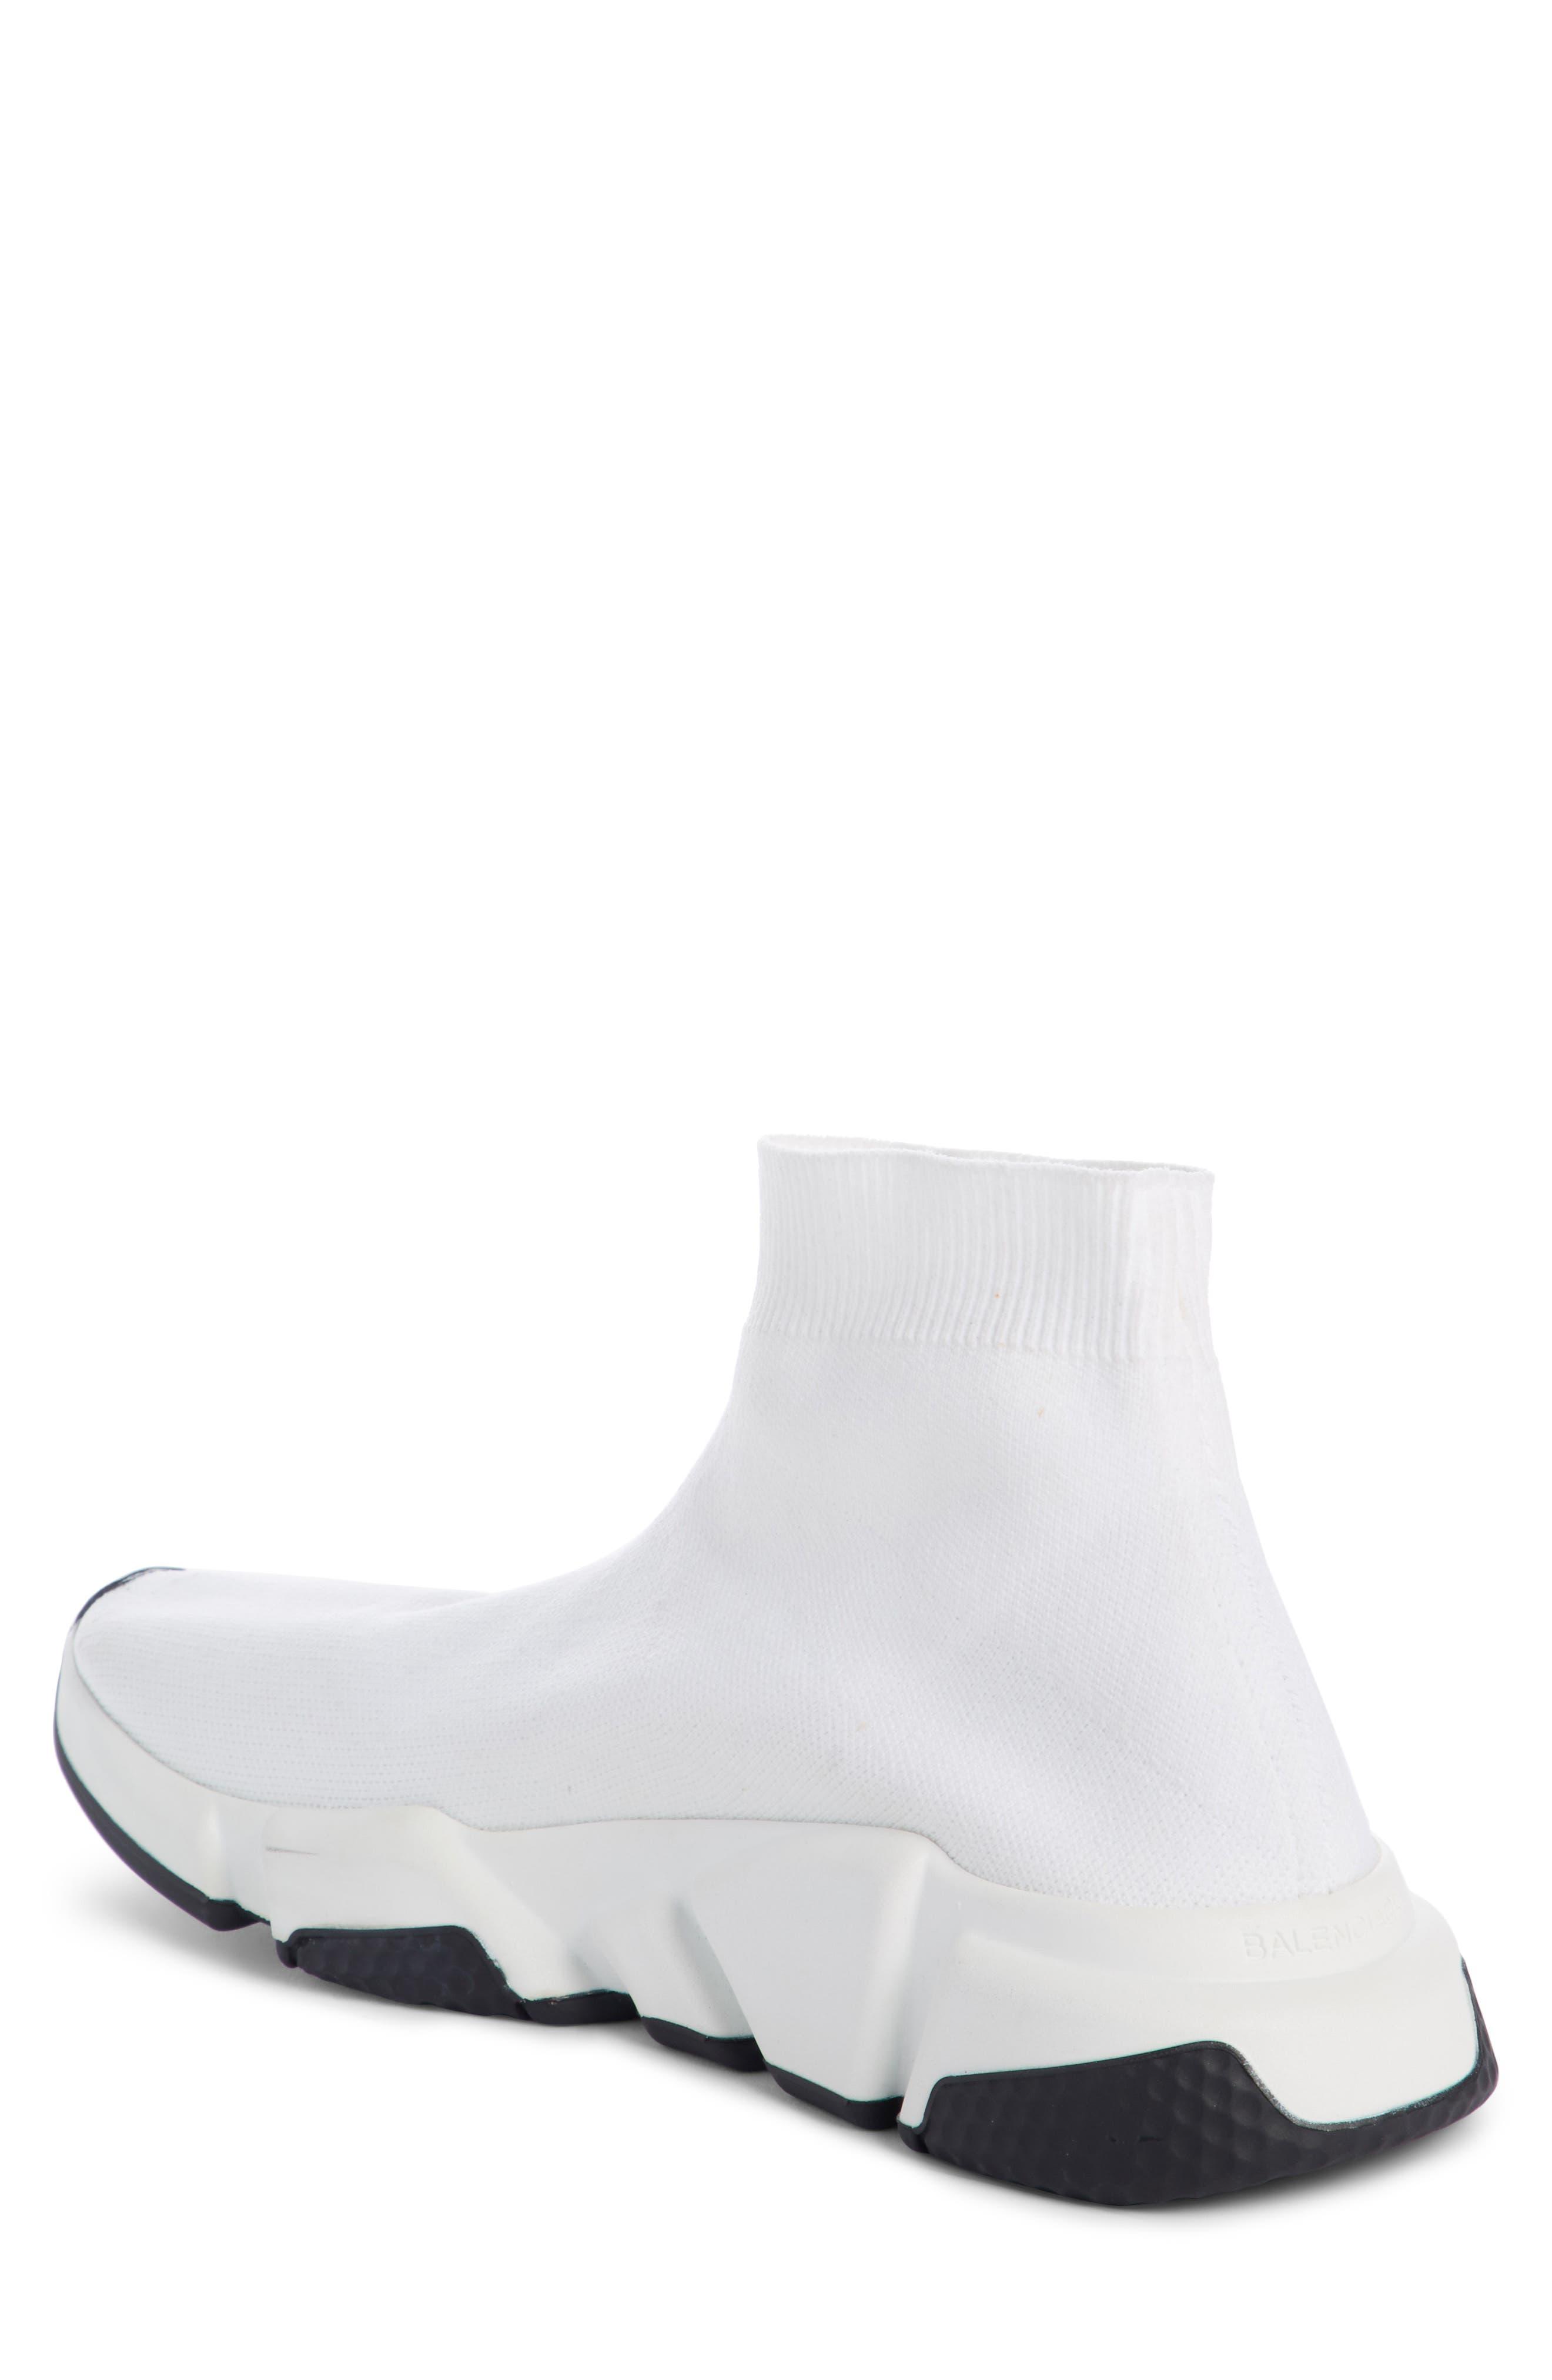 Speed Mid Sneaker,                             Alternate thumbnail 2, color,                             White